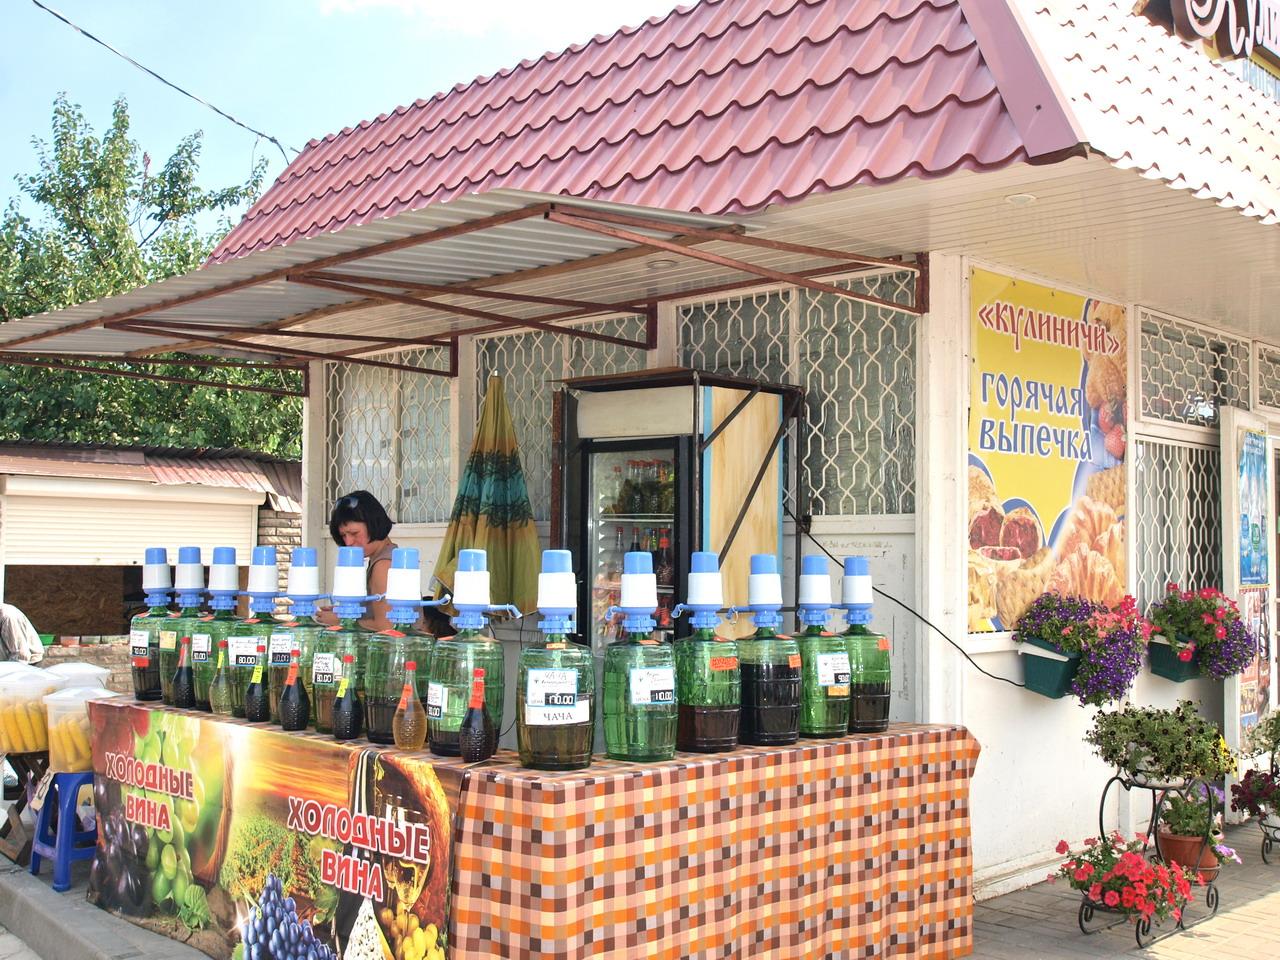 Домашнее вино в Кирилловке